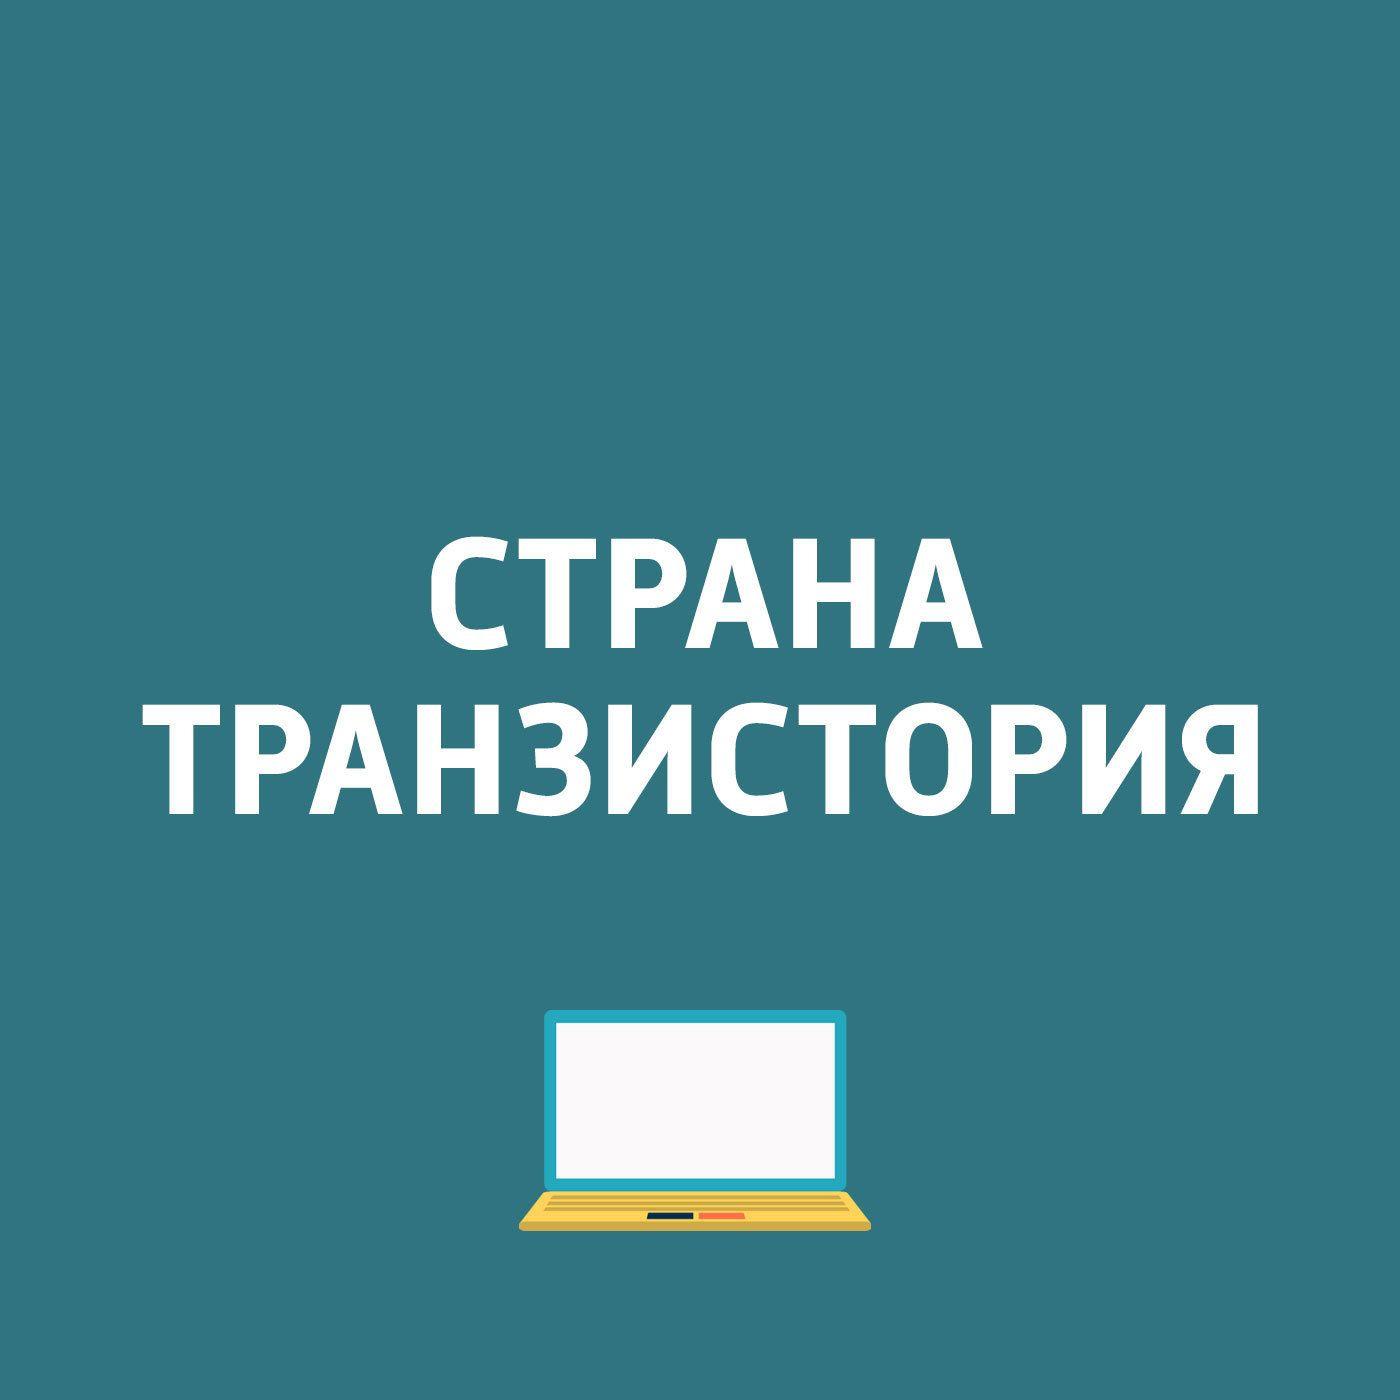 Картаев Павел Facebook подтвердила слухи о разработке собственной криптовалюты картаев павел в москве прошла российская премьера электромобиля tesla model 3